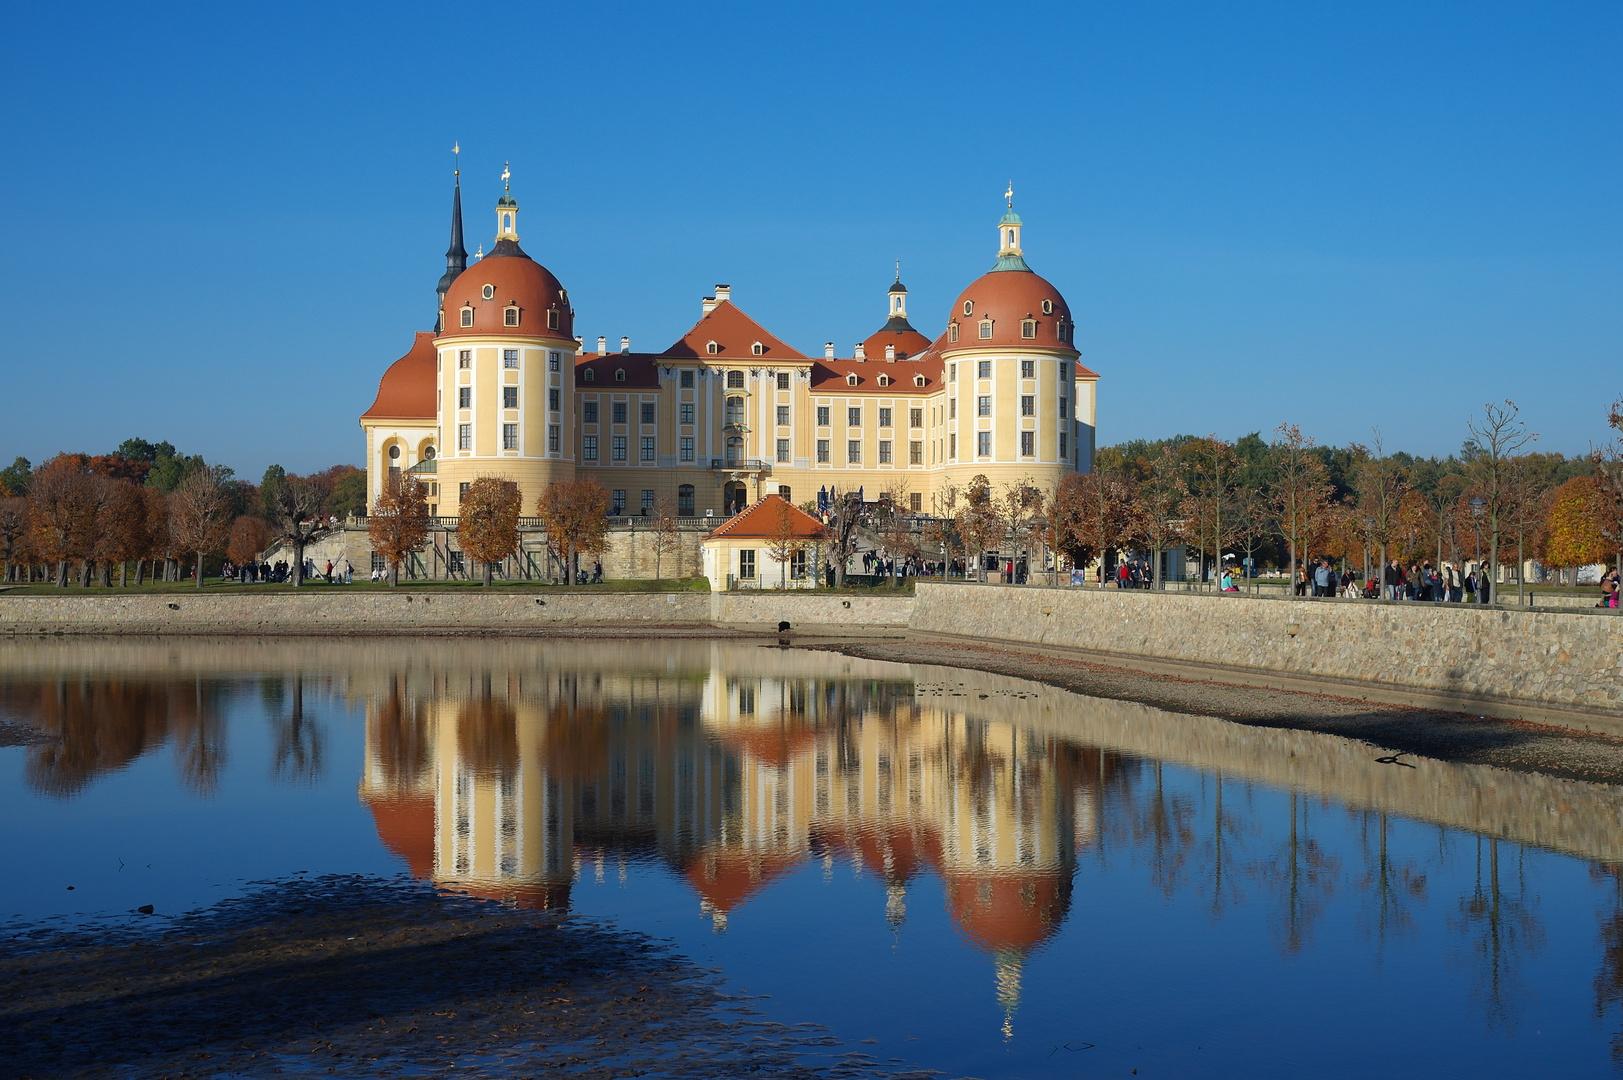 Schloß Moritzburg bei Dresden